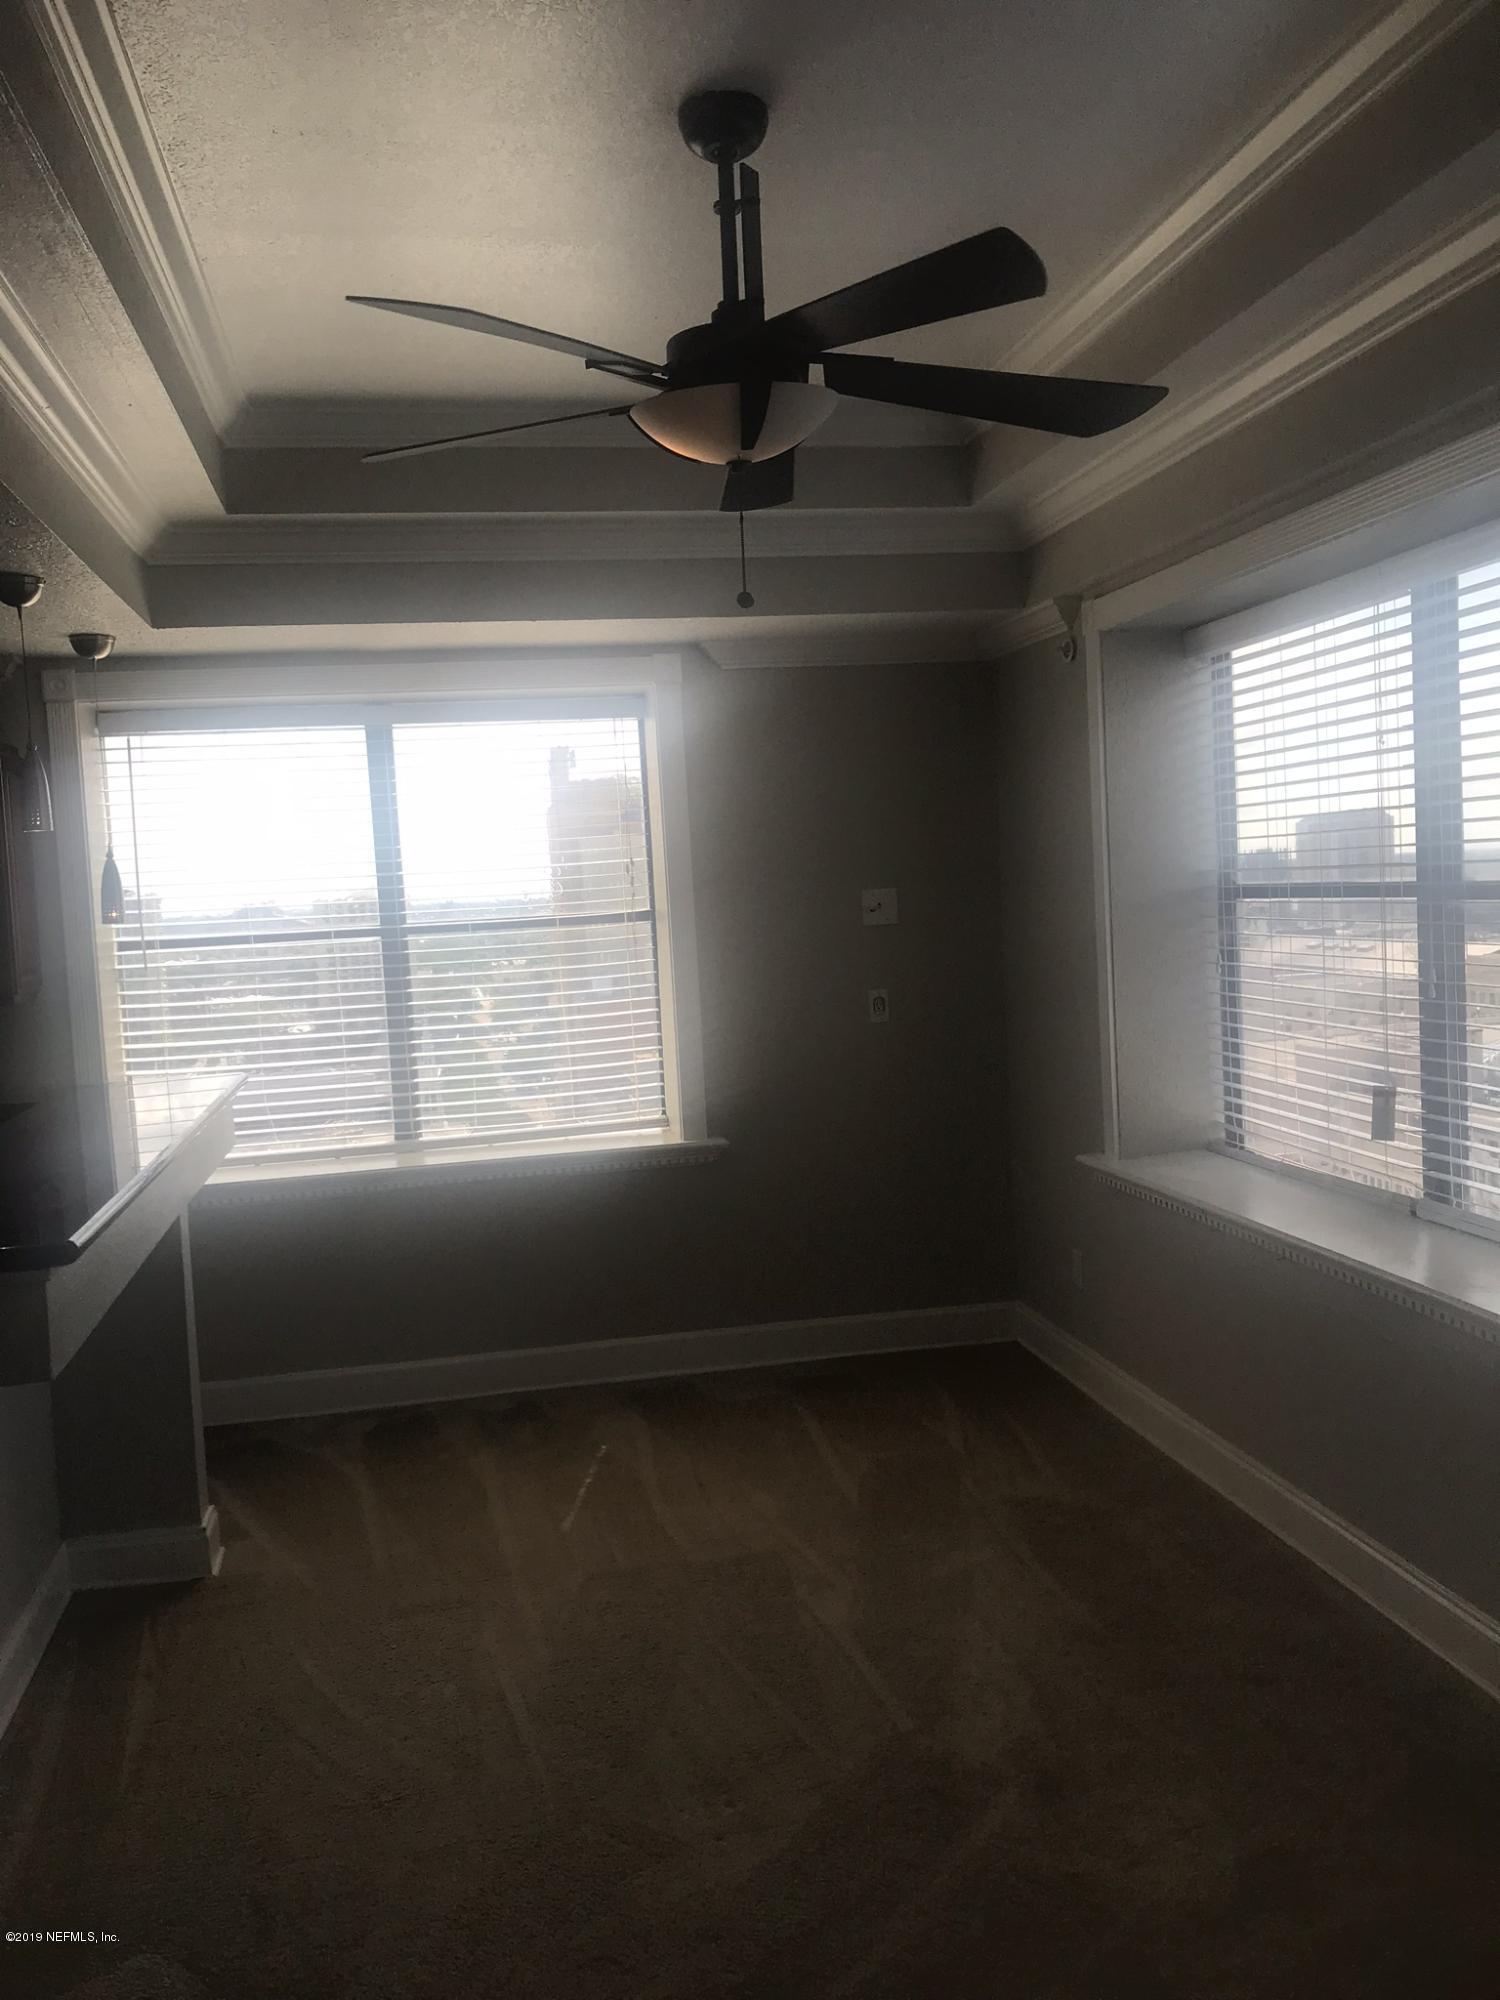 311 ASHLEY, JACKSONVILLE, FLORIDA 32202, 1 Bedroom Bedrooms, ,1 BathroomBathrooms,Condo,For sale,ASHLEY,993019